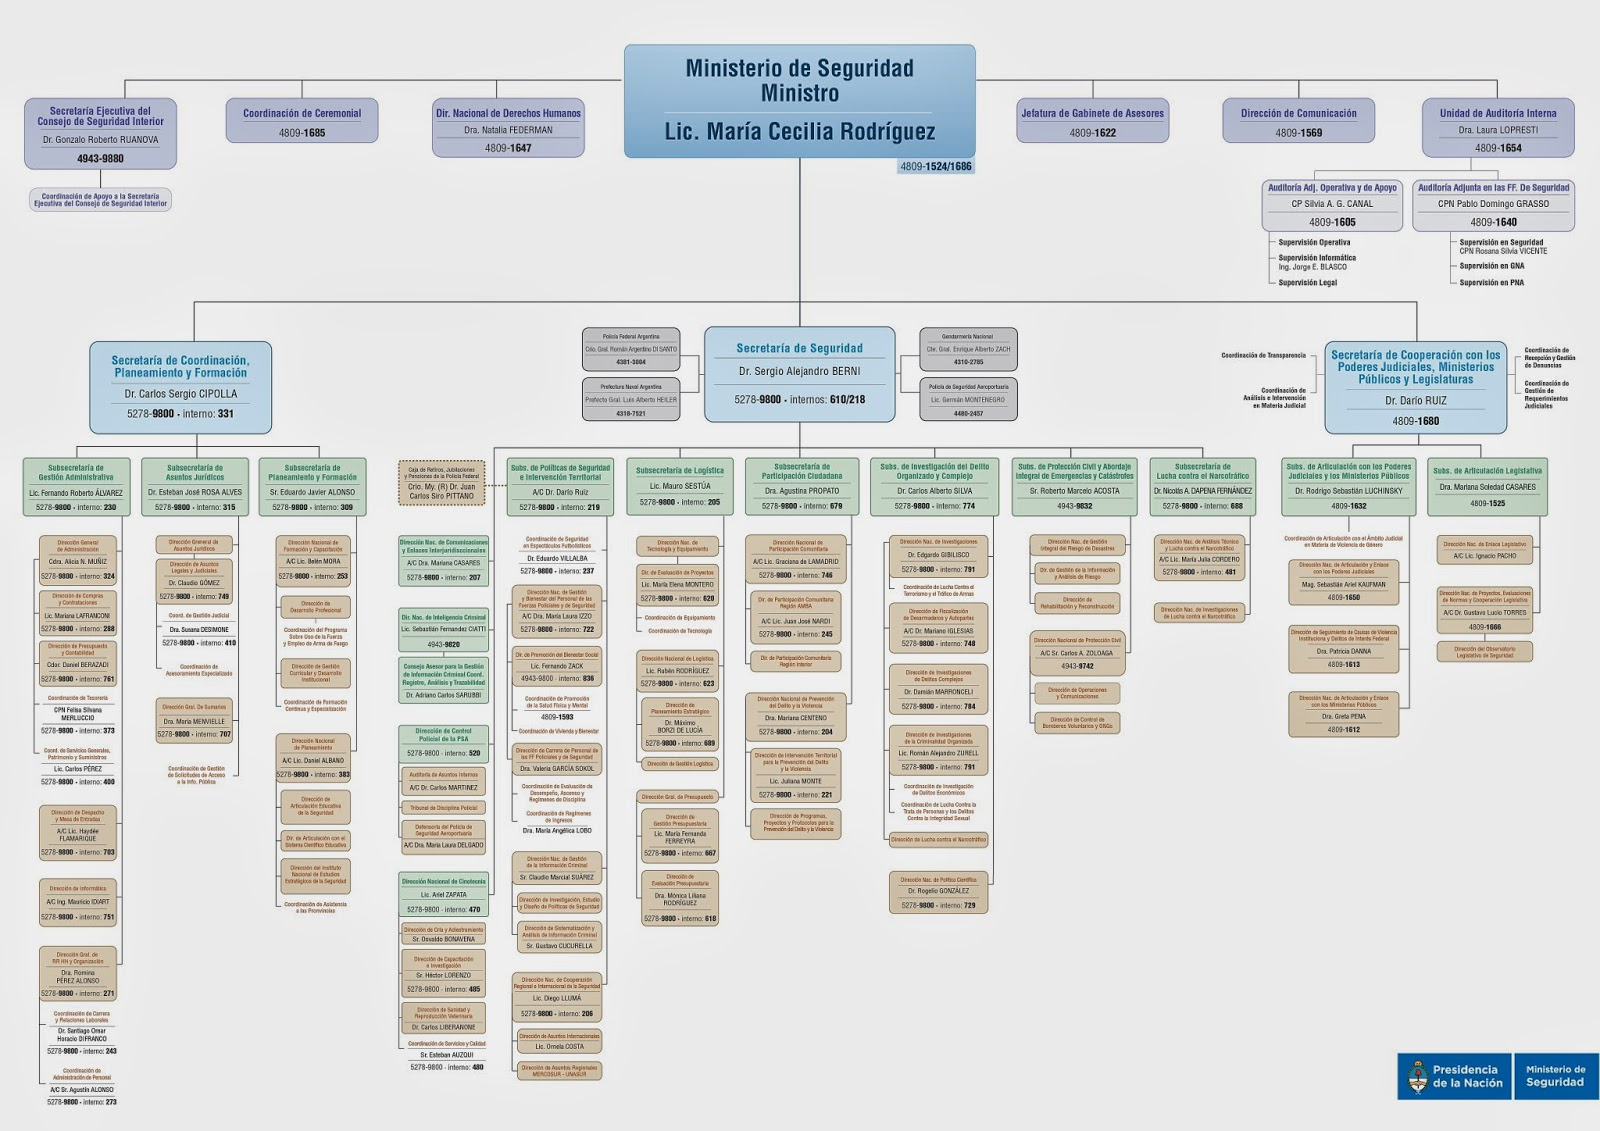 Organizaci n y estrategia para la intervenci n policial i for Ministerio del interior nacion